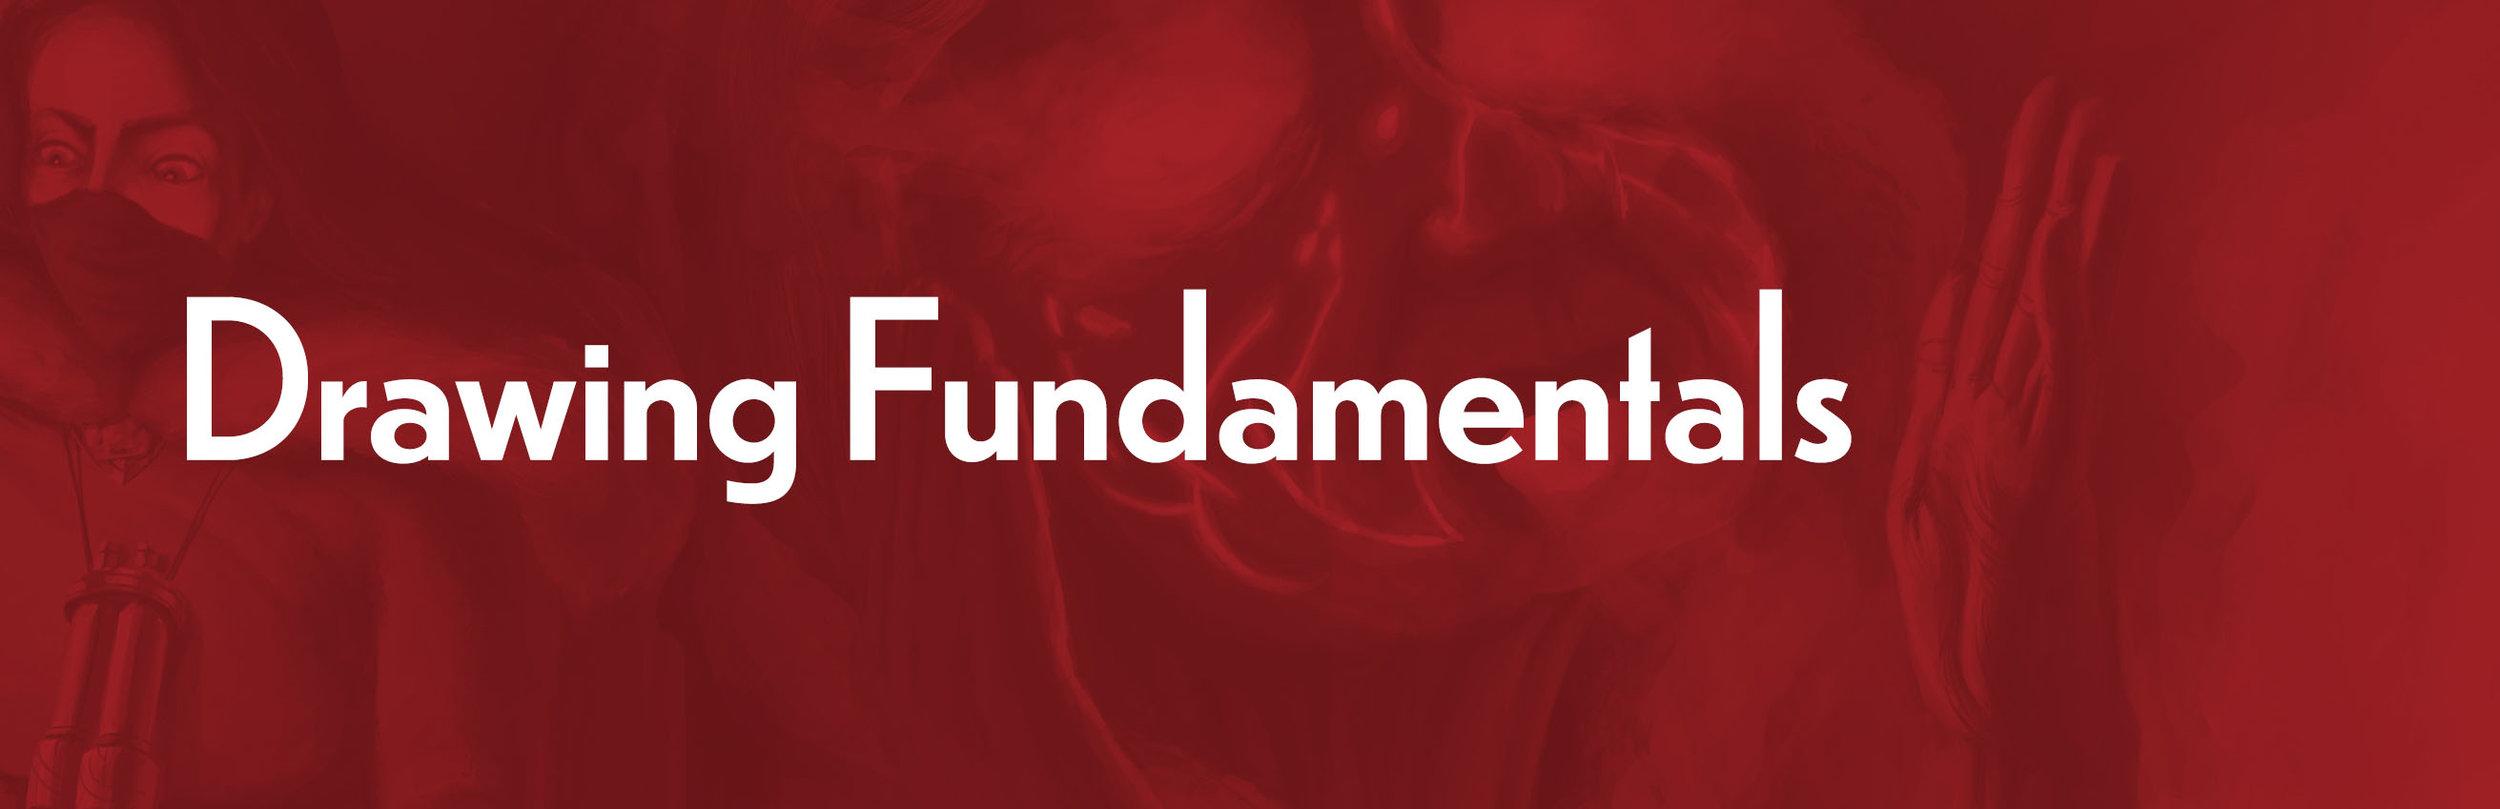 Drawing Fundamentals - Header 2019.jpg